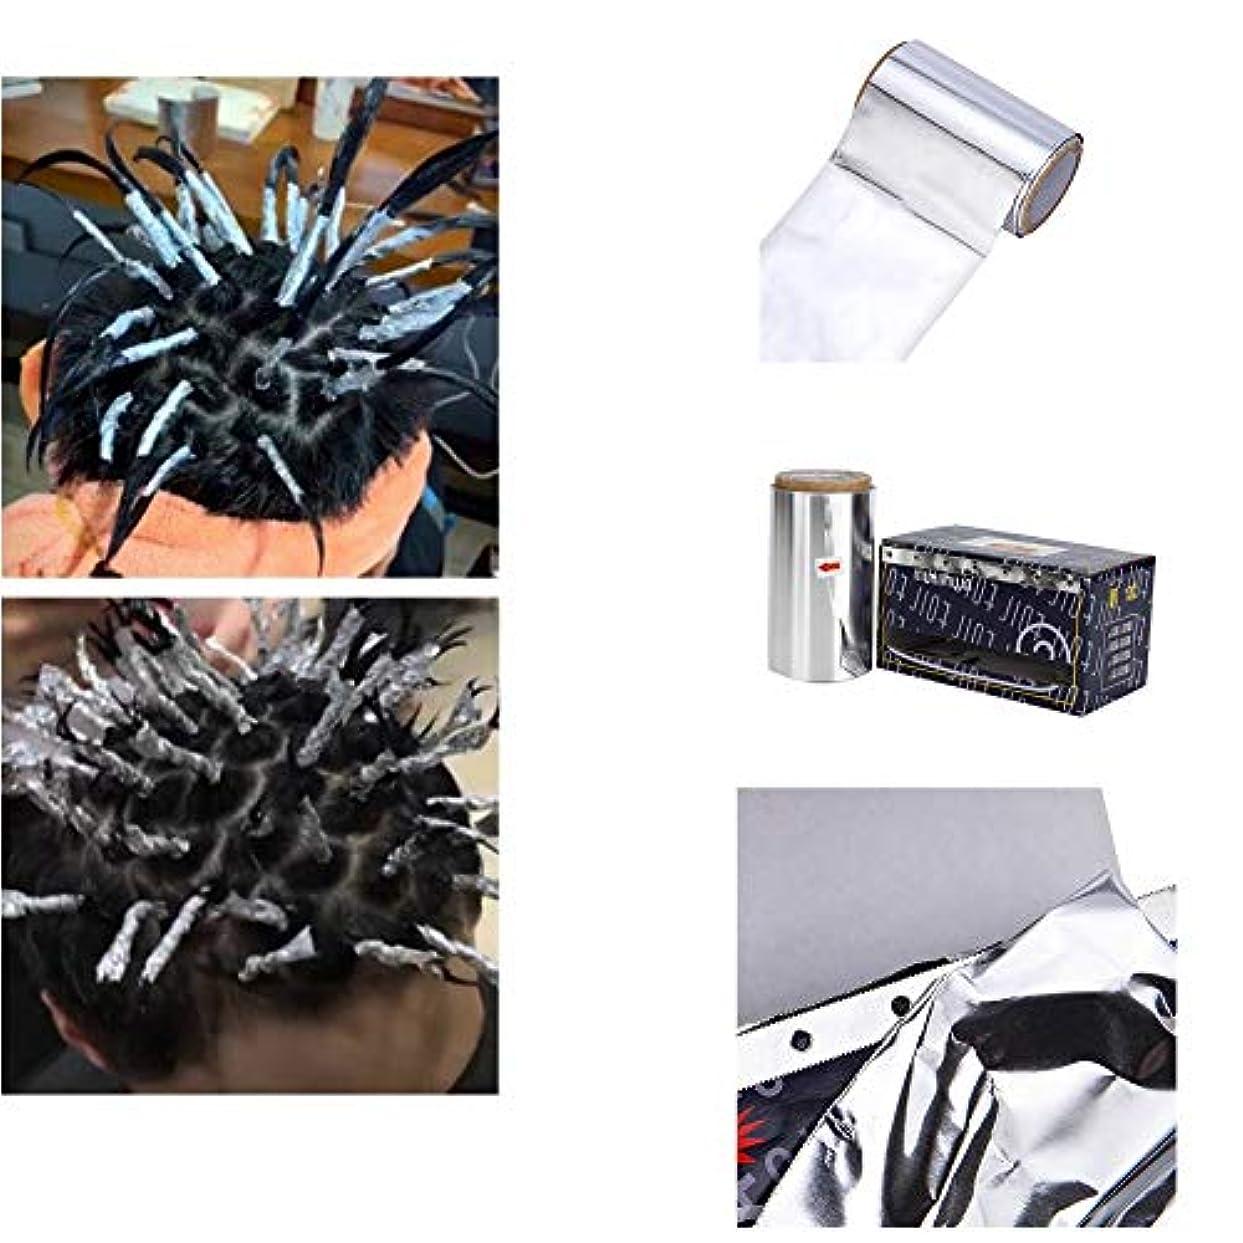 カタログ素晴らしい良い多くのバインドACHICOO アルミ箔 テープ 耐熱性 理髪 美髪 用品 ヘアパーマスタイリング ツール ヘアカラー